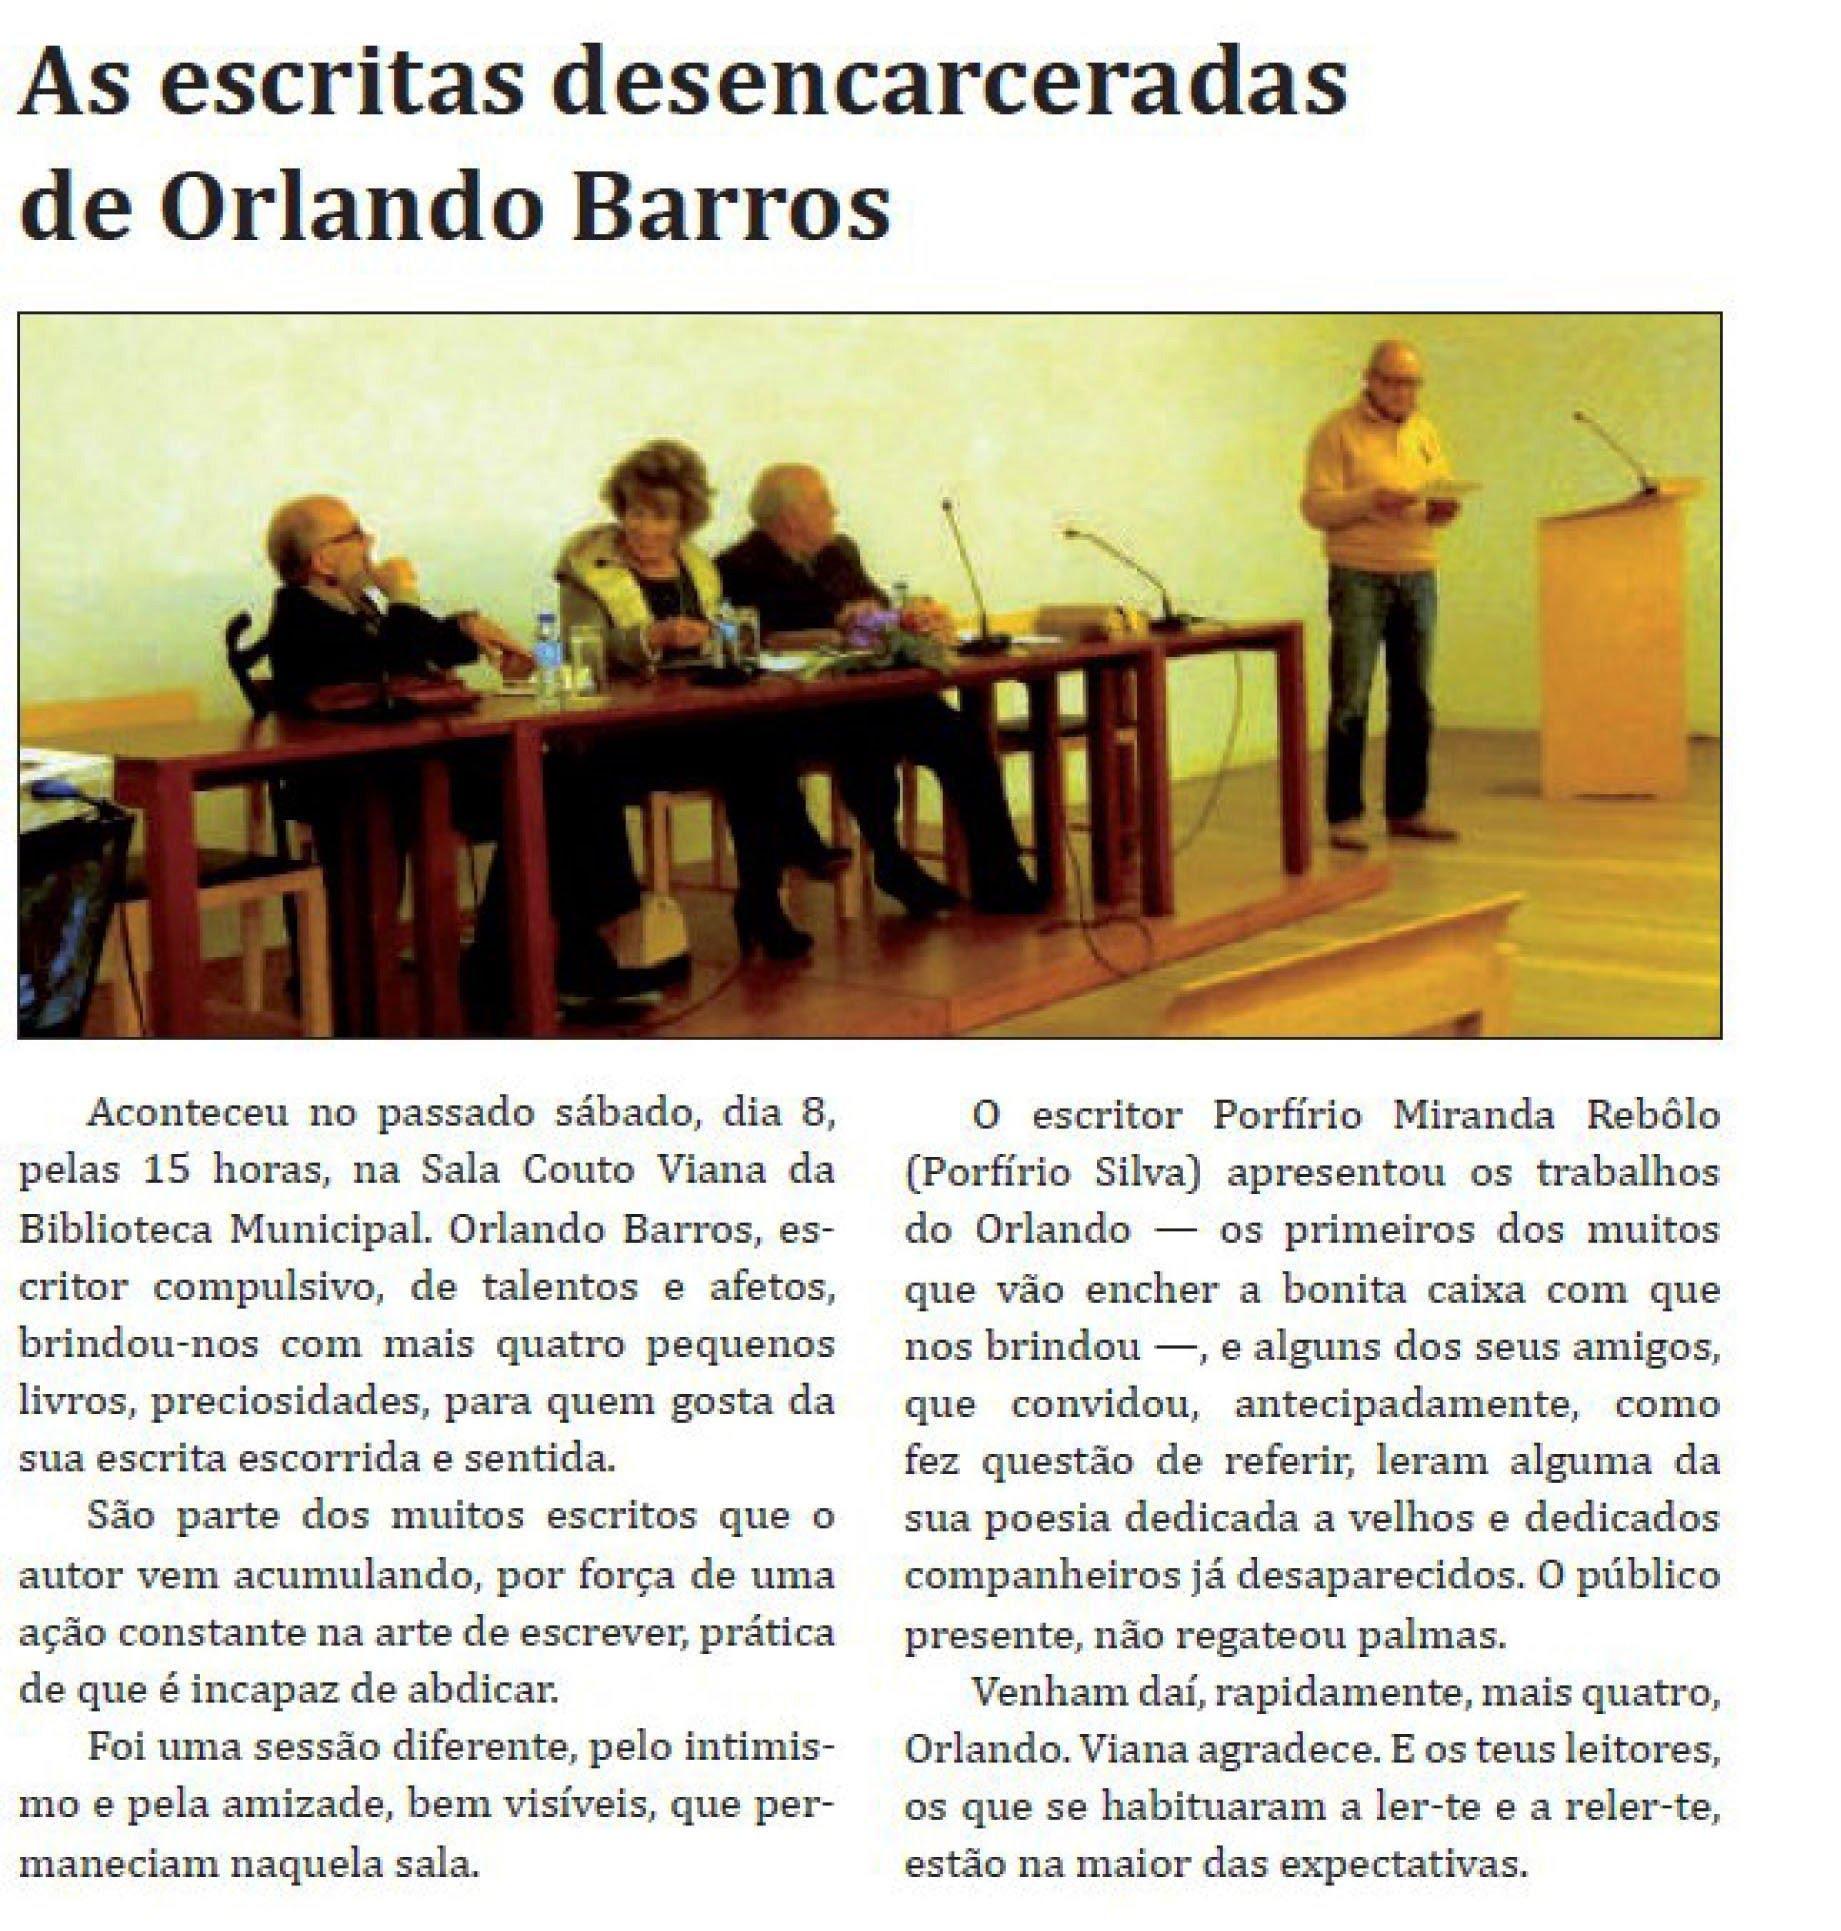 https://sites.google.com/a/centroculturaldoaltominho.org/ccam/actividades-realizadas/2014/Orlando.jpg